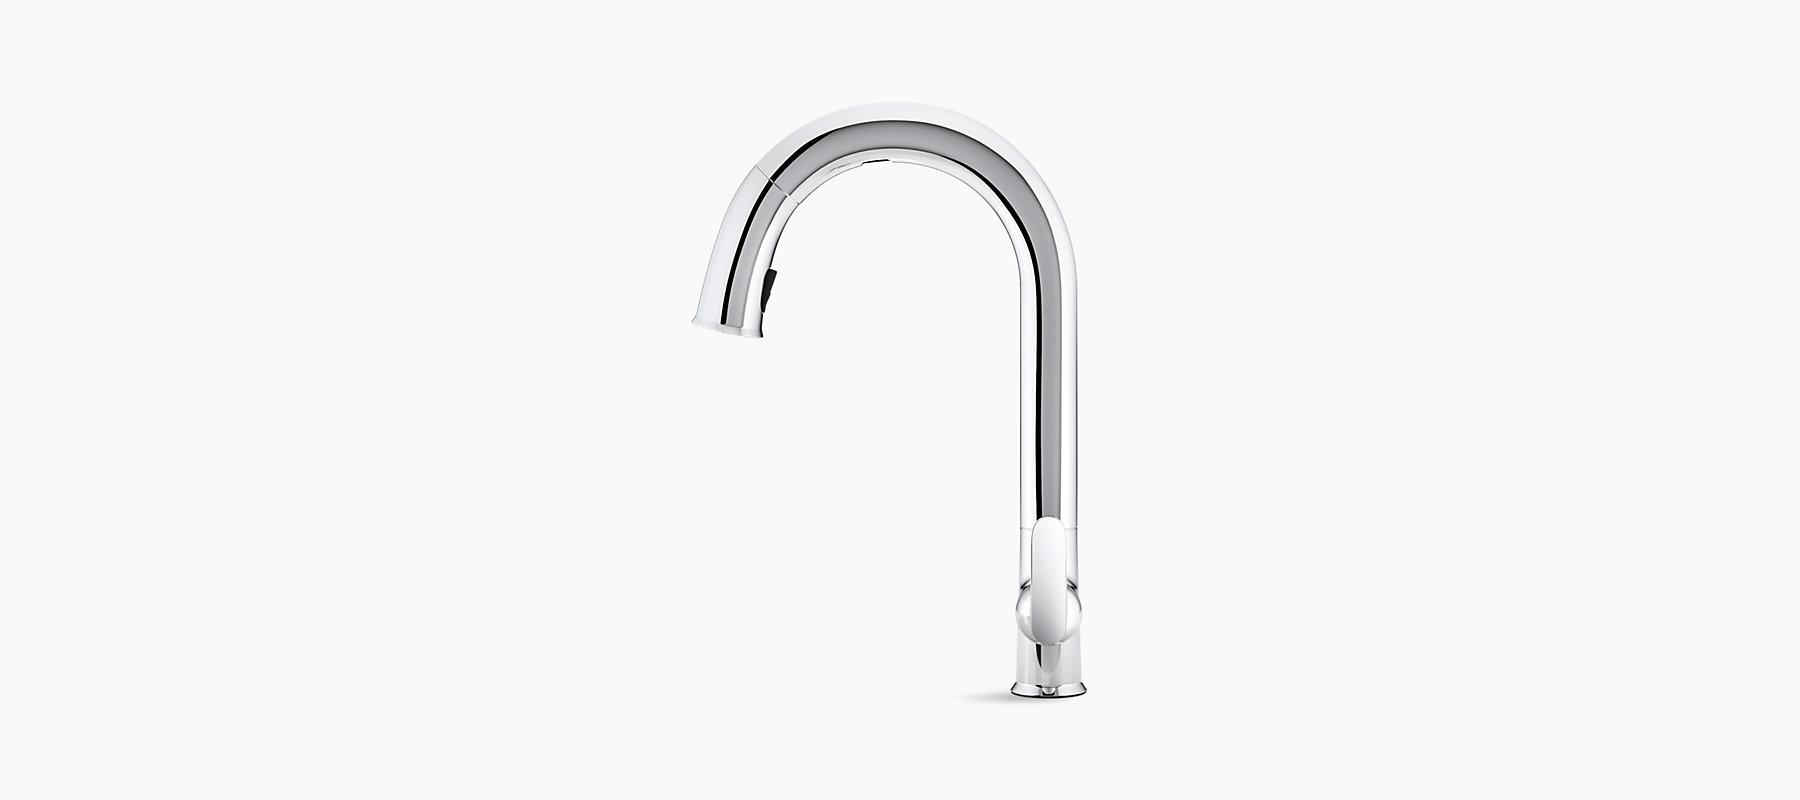 Sensate Touchless Pull Down Kitchen Sink Faucet K 72218 Kohler